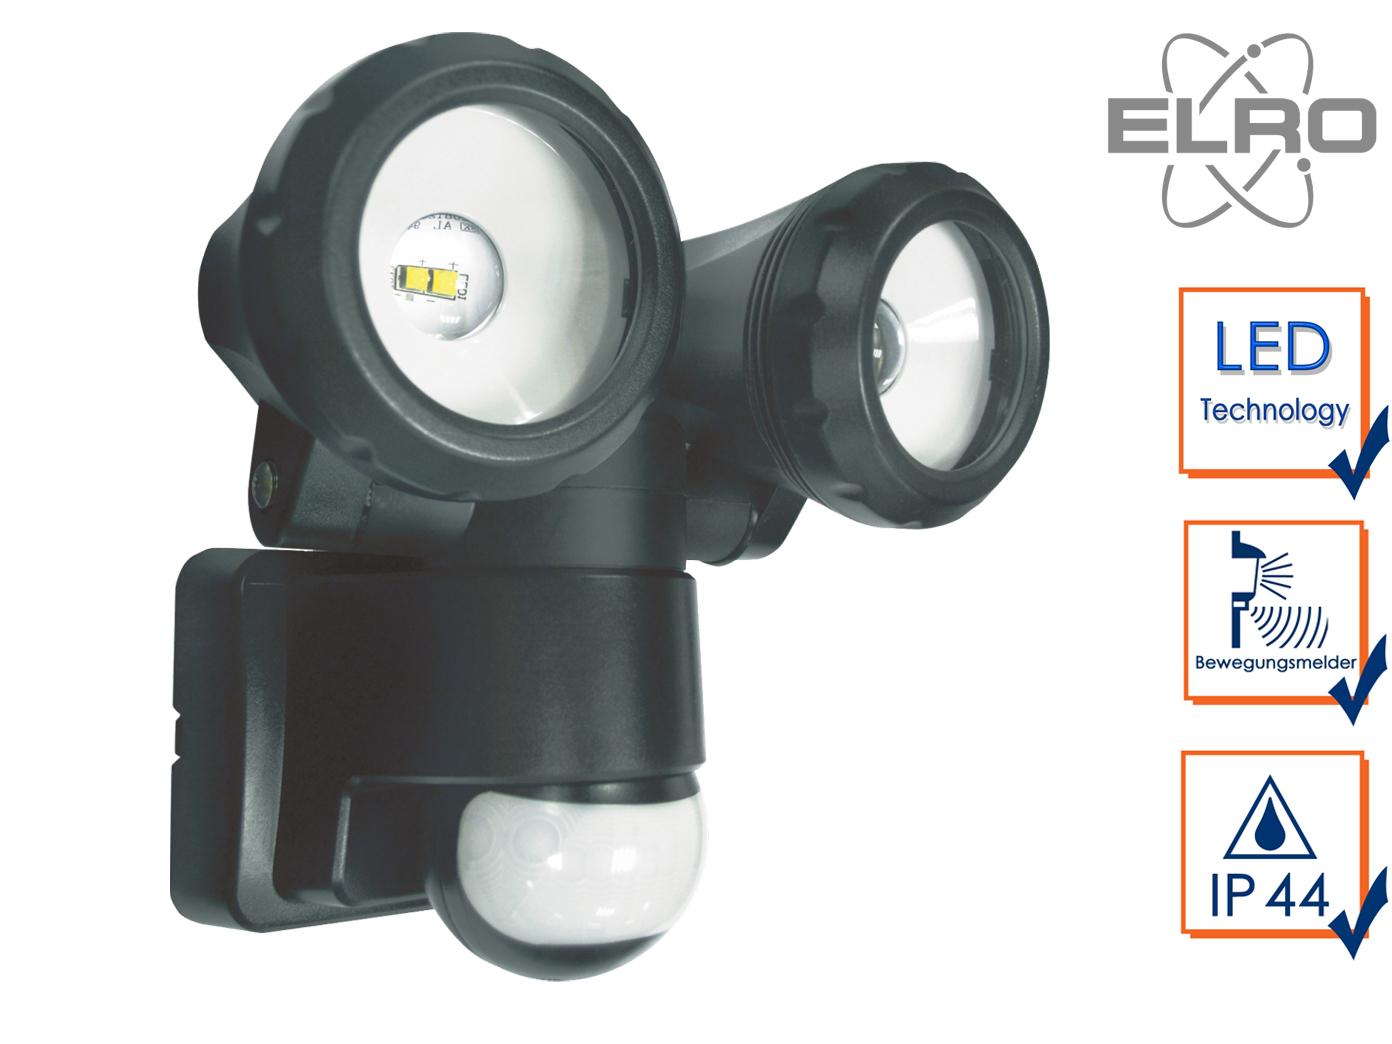 10 w LED lámpara de parojo exterior 12 metros muro detectores de movimiento emisor eh exterior